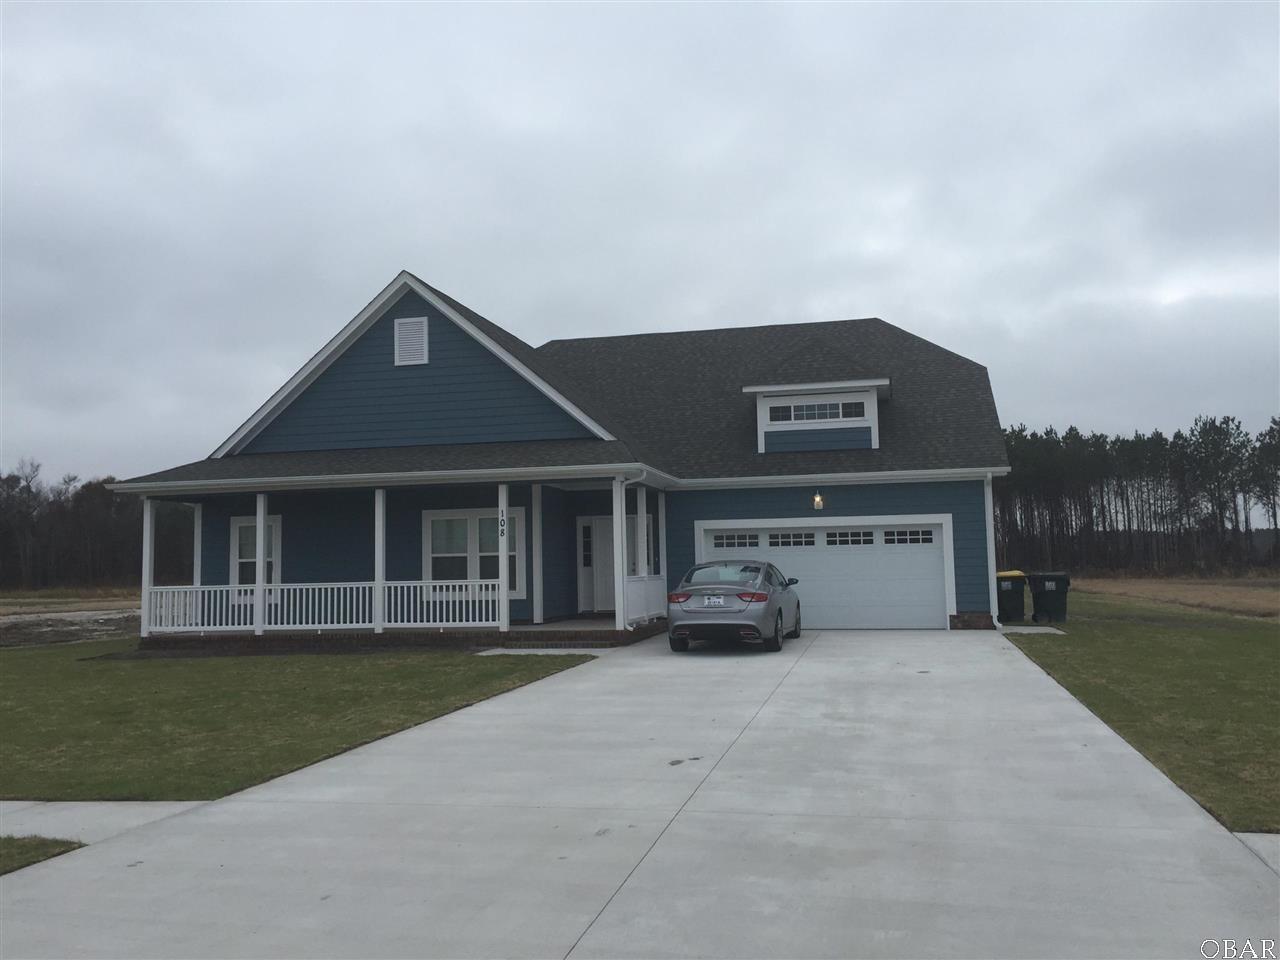 108 Arrow Head Lane,Moyock,NC 27958,3 Bedrooms Bedrooms,2 BathroomsBathrooms,Residential,Arrow Head Lane,84658